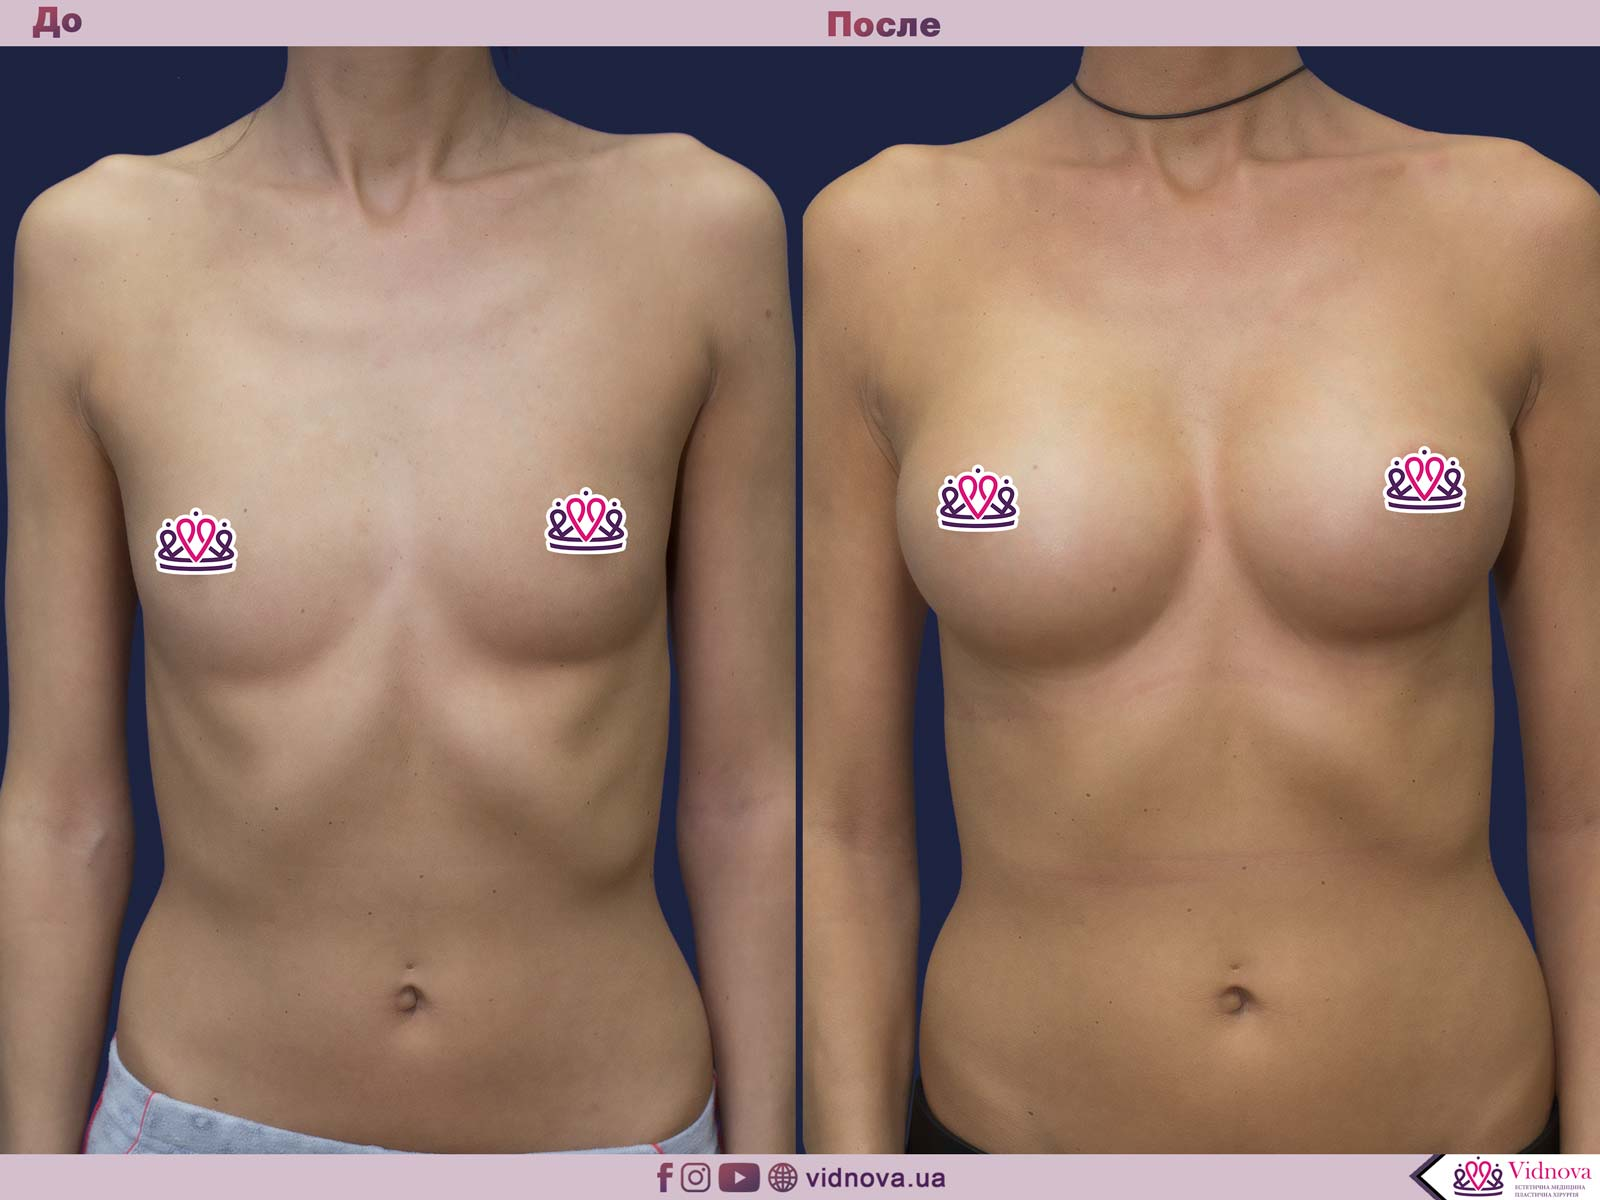 Пластика груди: результаты до и после - Пример №42-0 - Светлана Работенко